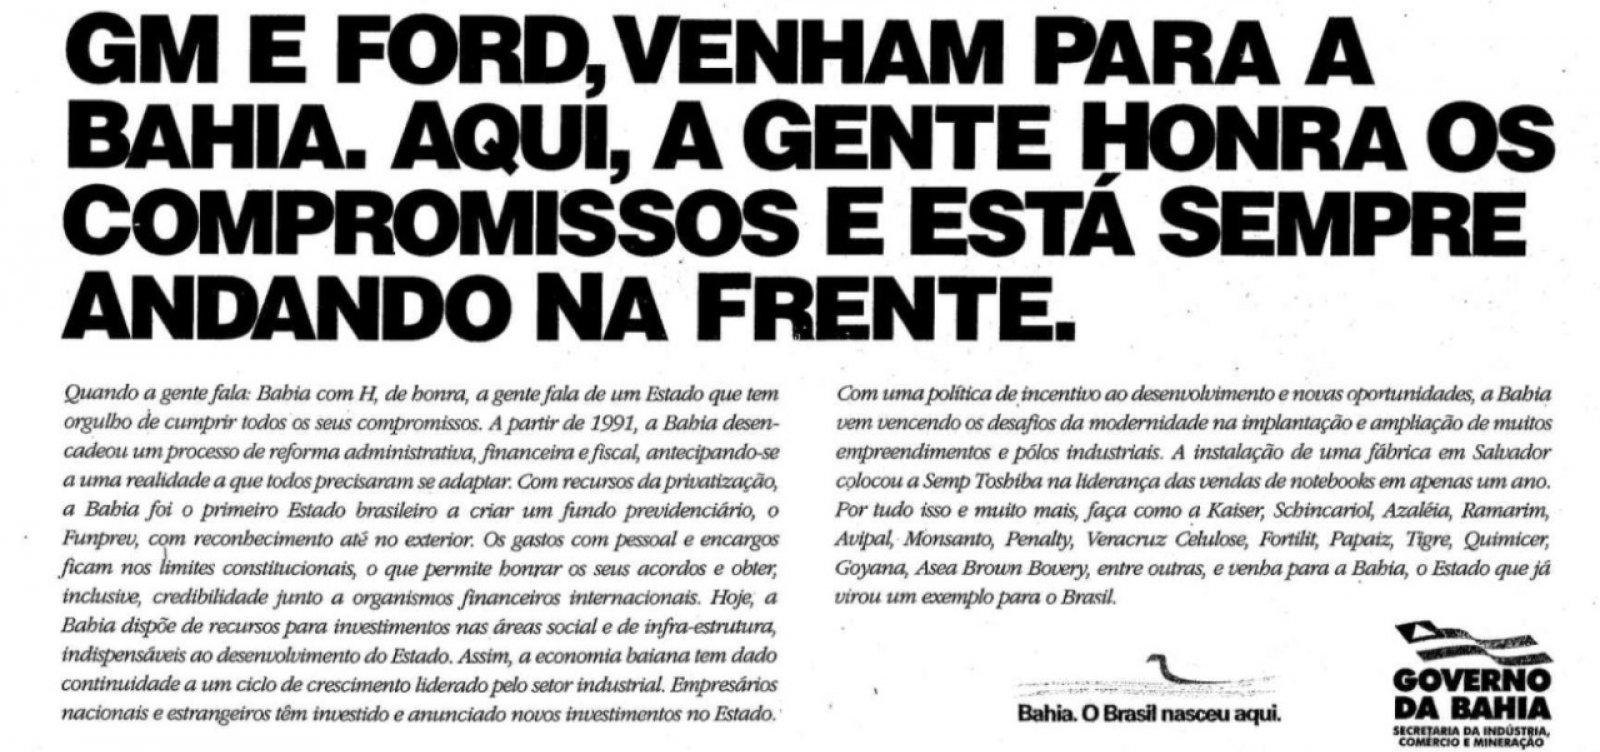 [César Borges relembra rixa com Rio Grande do Sul e São Paulo para trazer Ford para a Bahia]